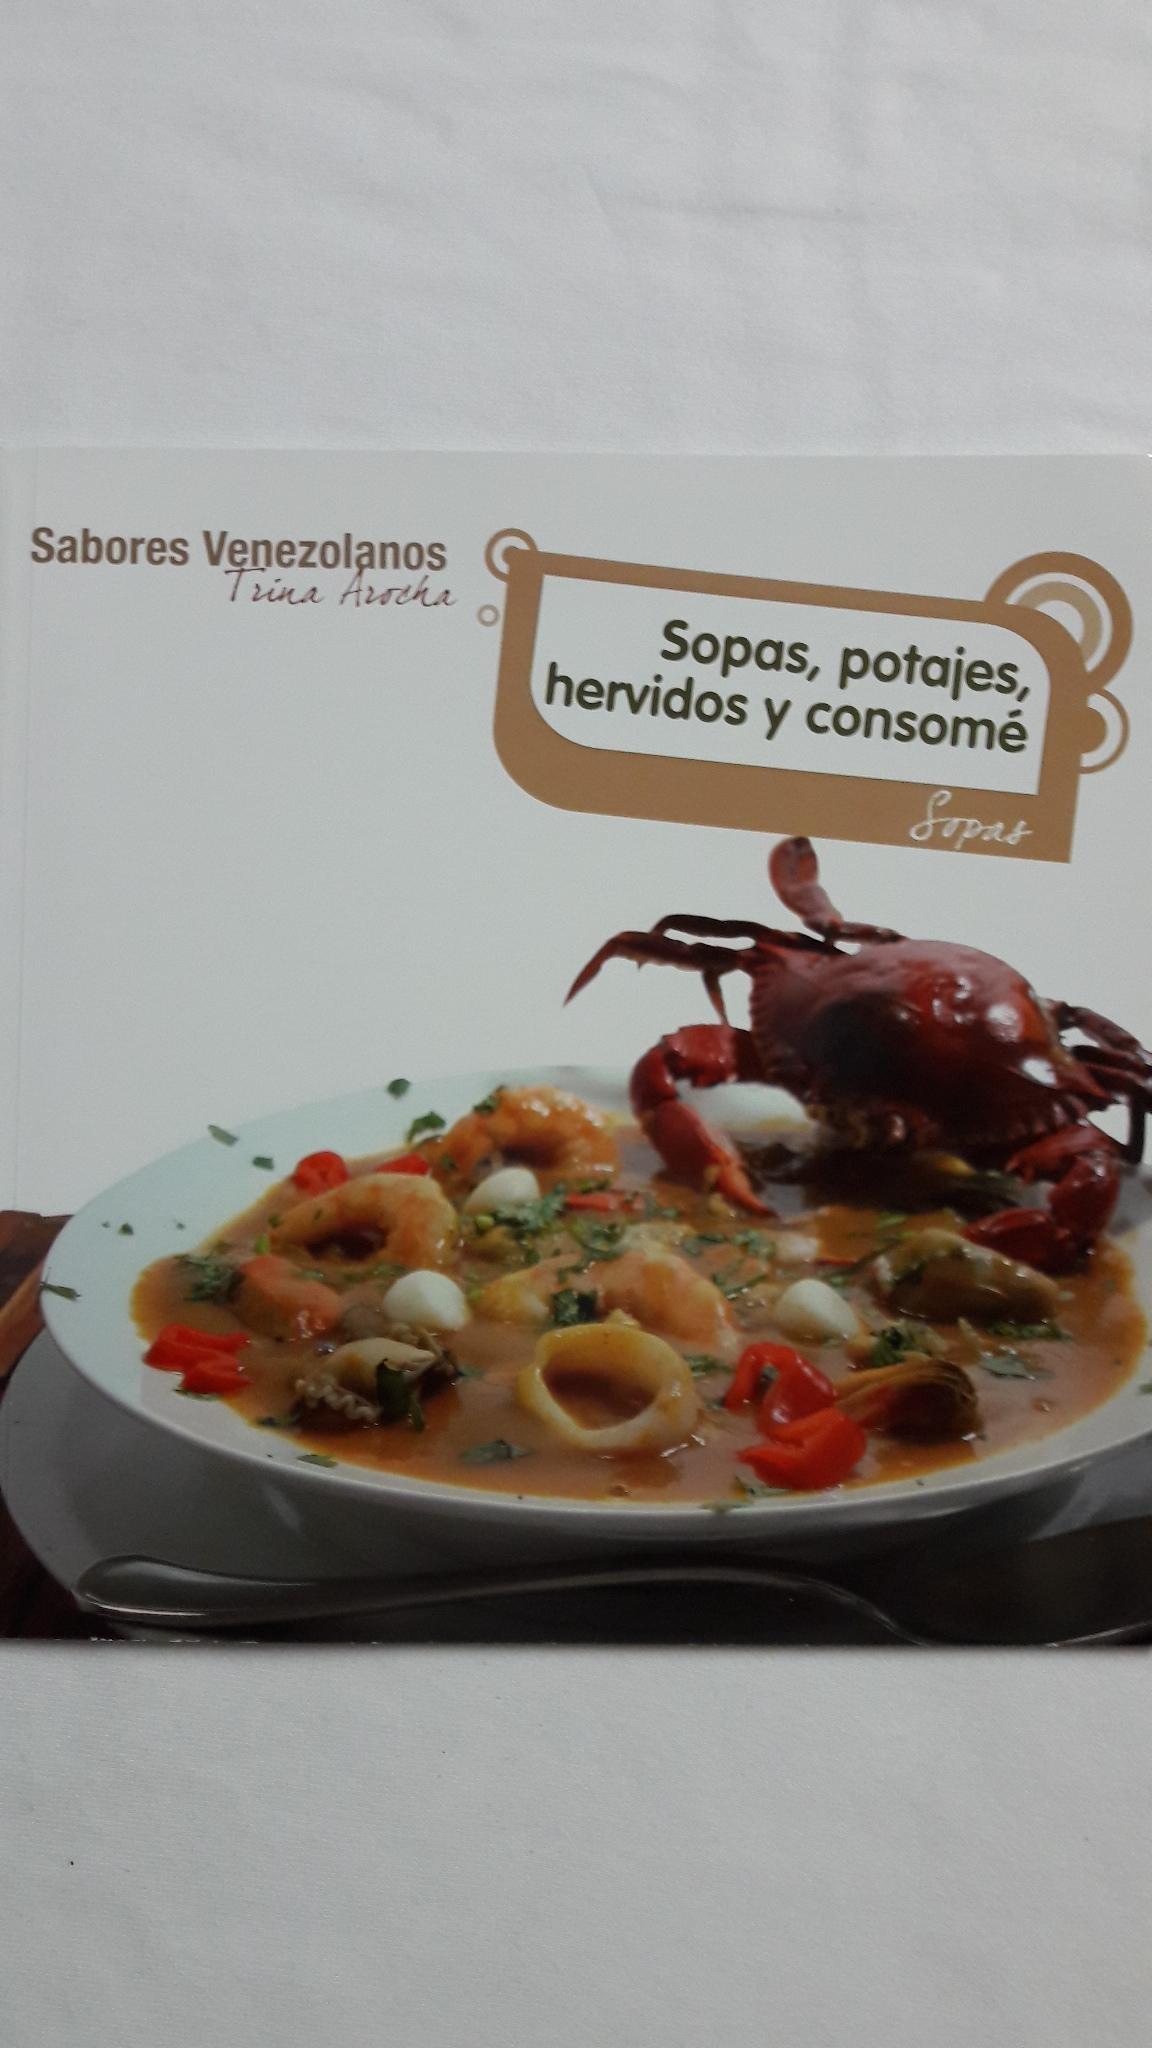 SOPAS, POTAJES, HERVIDOS Y CONSOMÉ: SOPAS Paperback – 2011